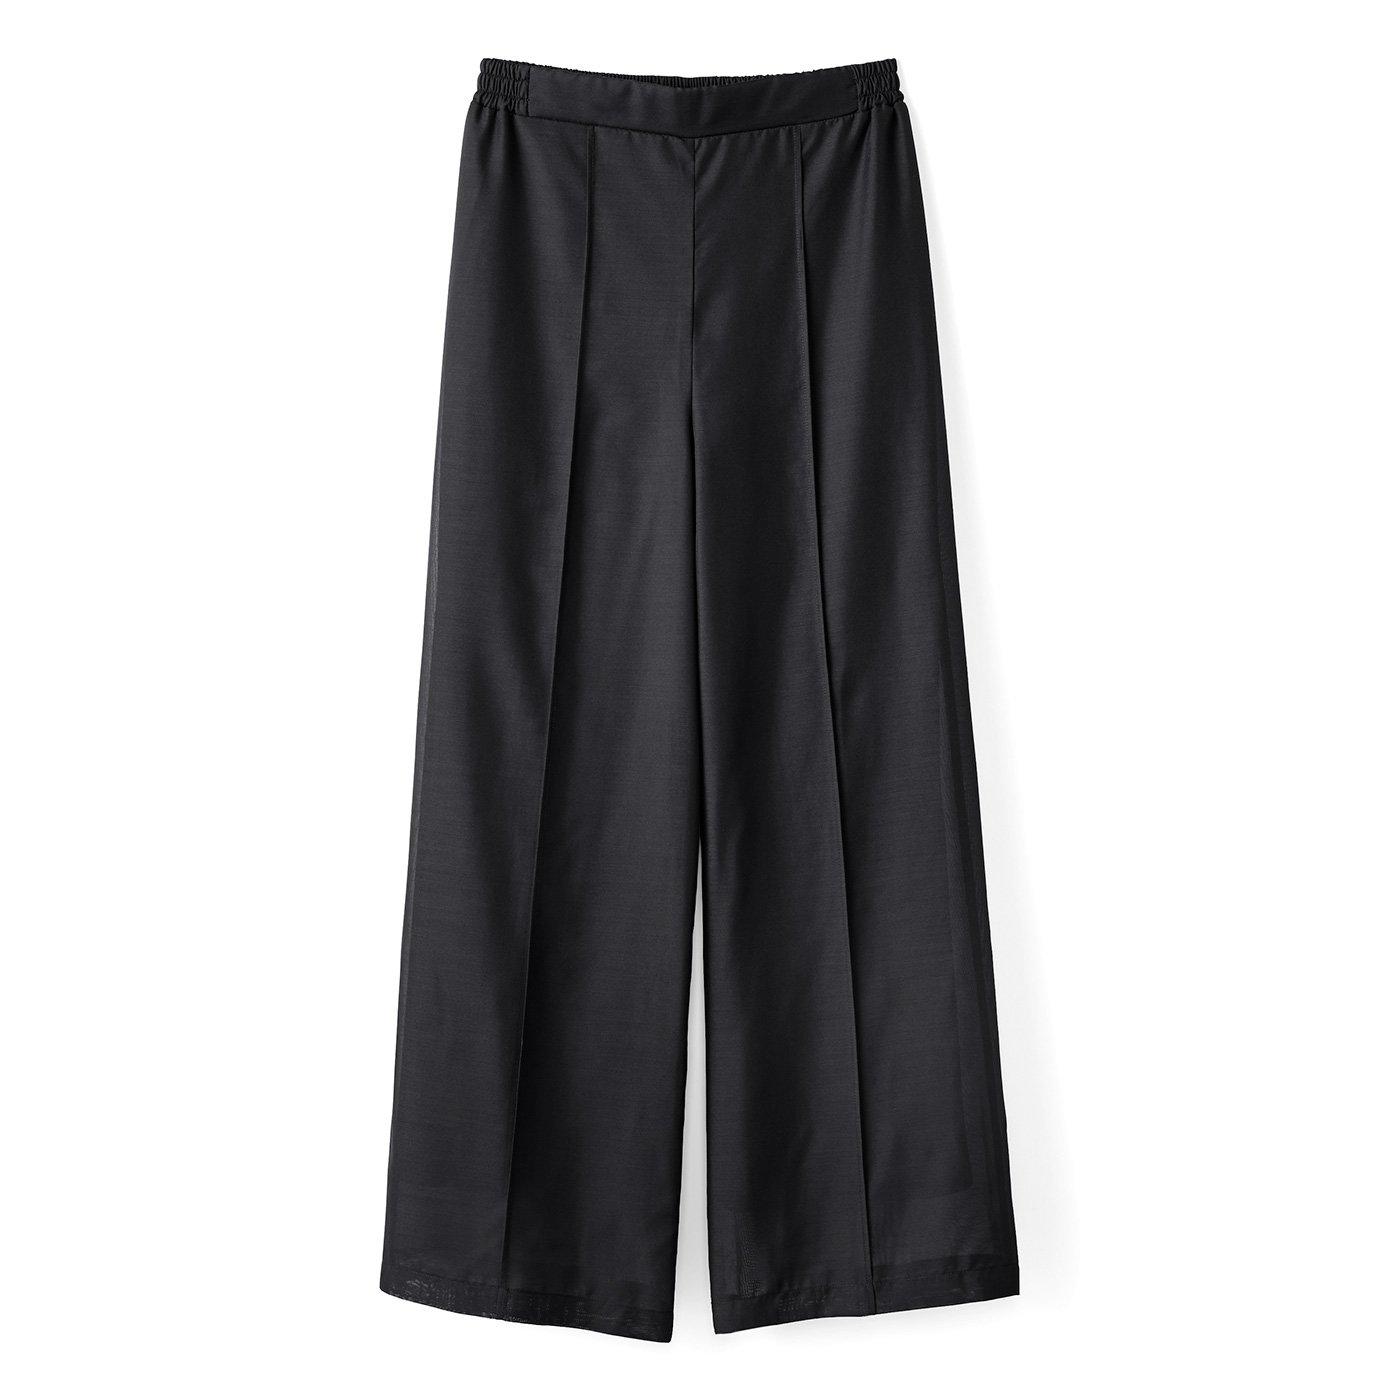 IEDIT[イディット] 奥行きのある女性らしさ漂う シアー素材のきれいめワイドパンツ〈ブラック〉